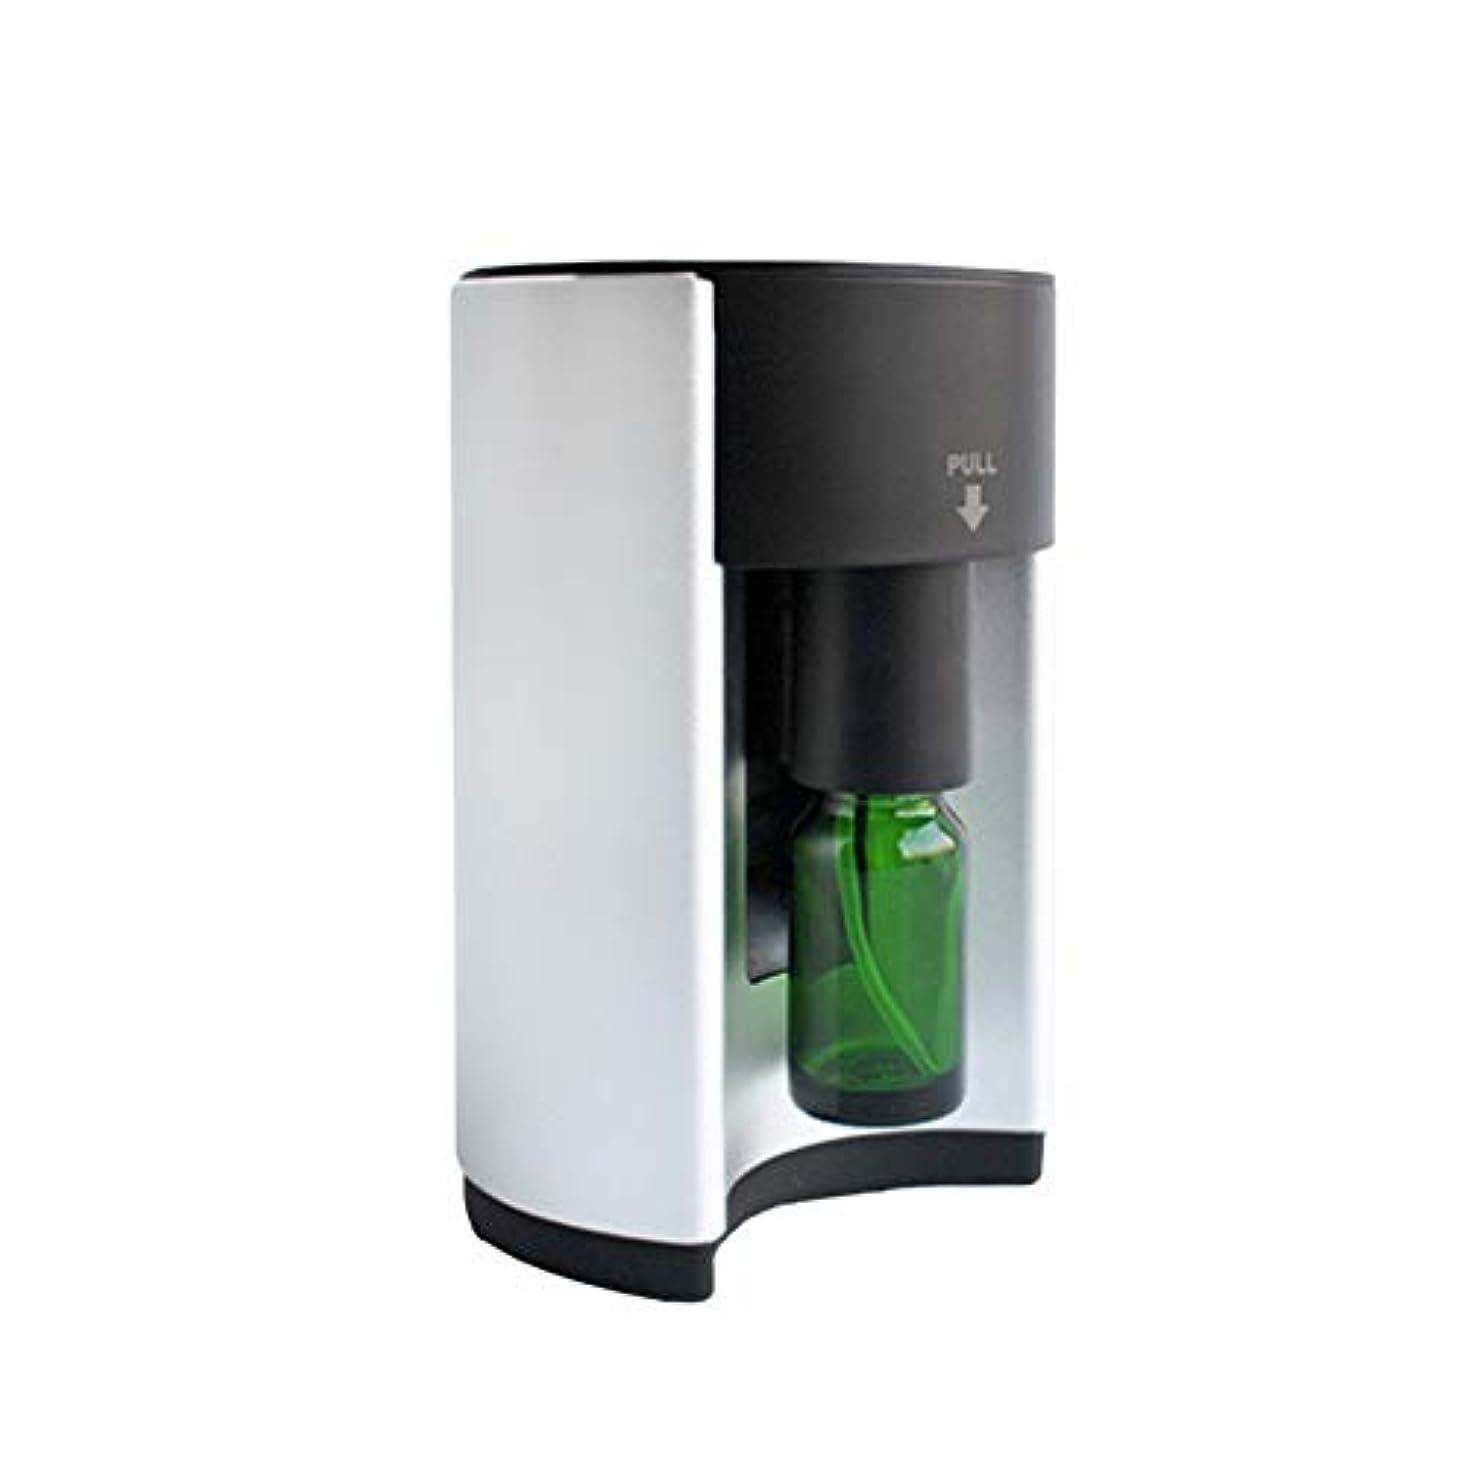 流暢タイマー嵐の広範囲適用 アロマディフューザー ネブライザー式 シルバー アロマオイル アロマグラス 人気 タイマー機能 コンパクトタイプ エッセンシャルオイル 加湿 うるおい